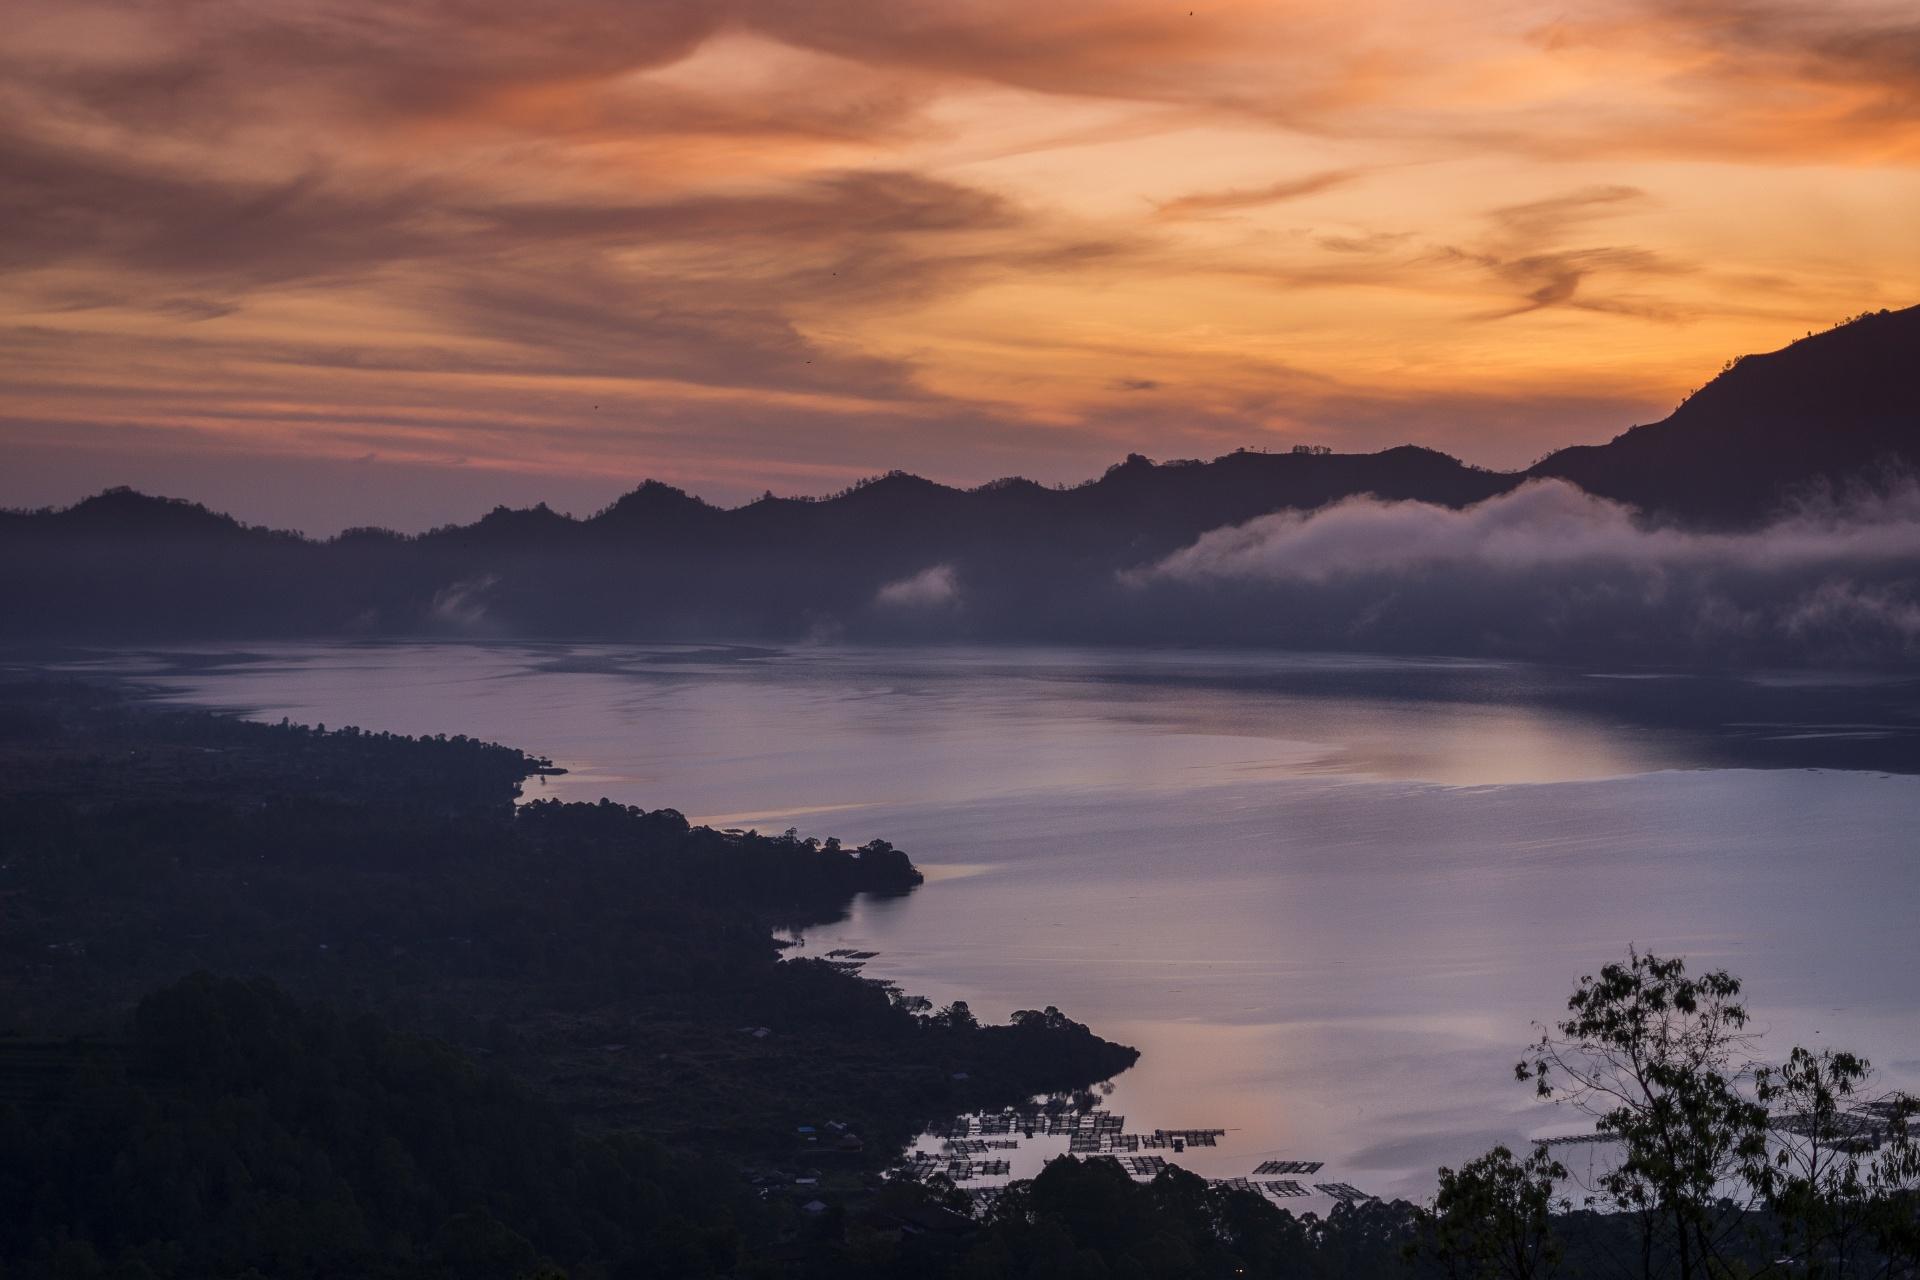 日の出のバトゥール湖の風景 インドネシアの風景